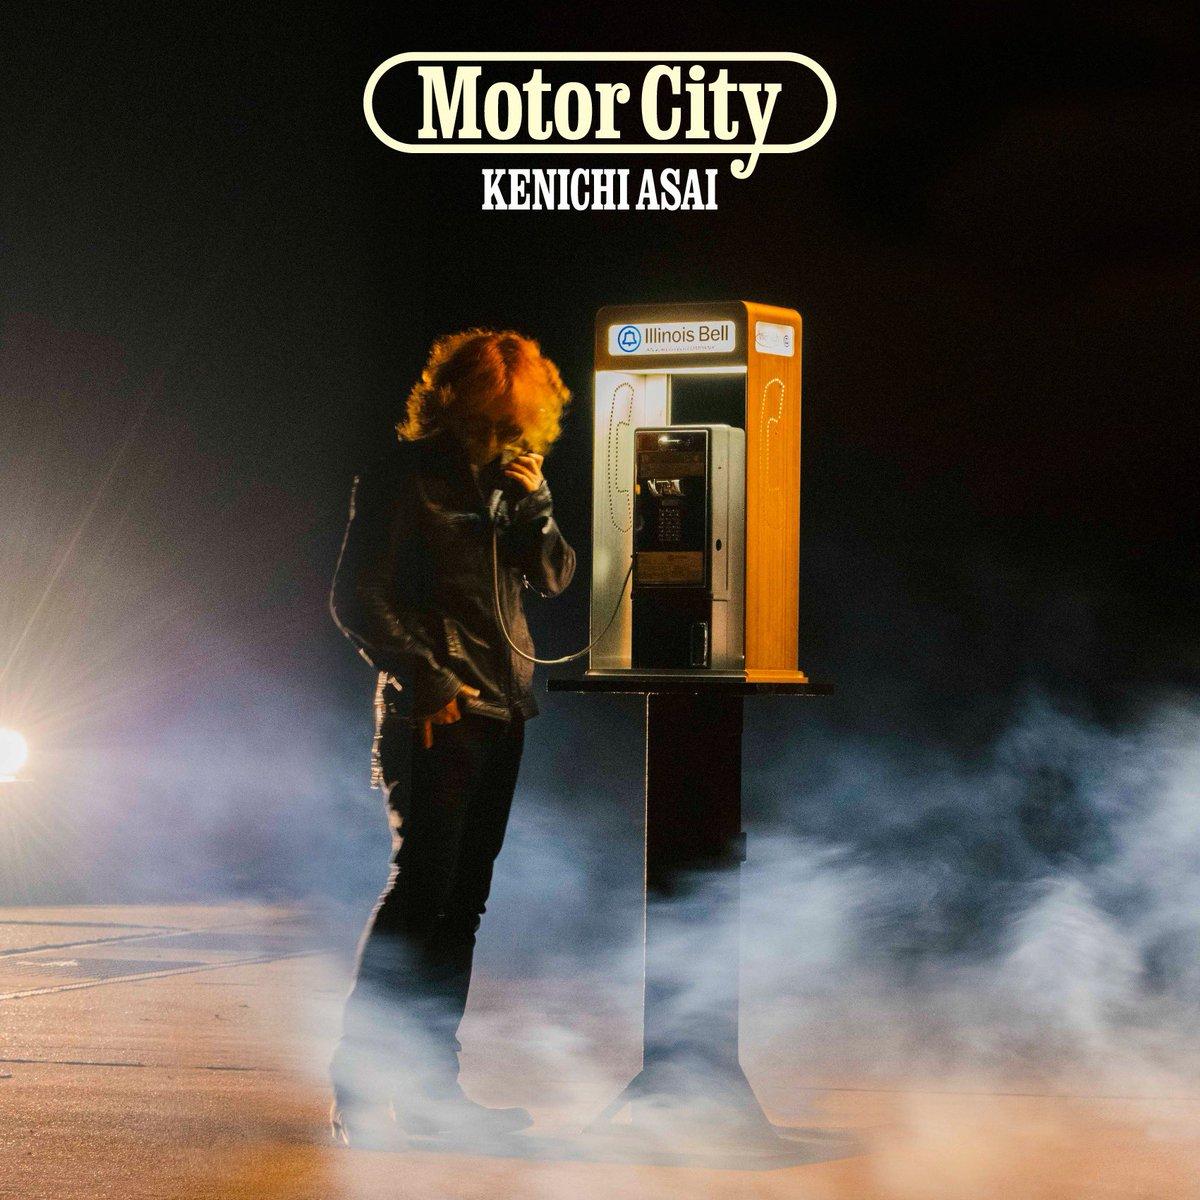 『浅井健一 - MOTOR CITY』収録の『MOTOR CITY』ジャケット